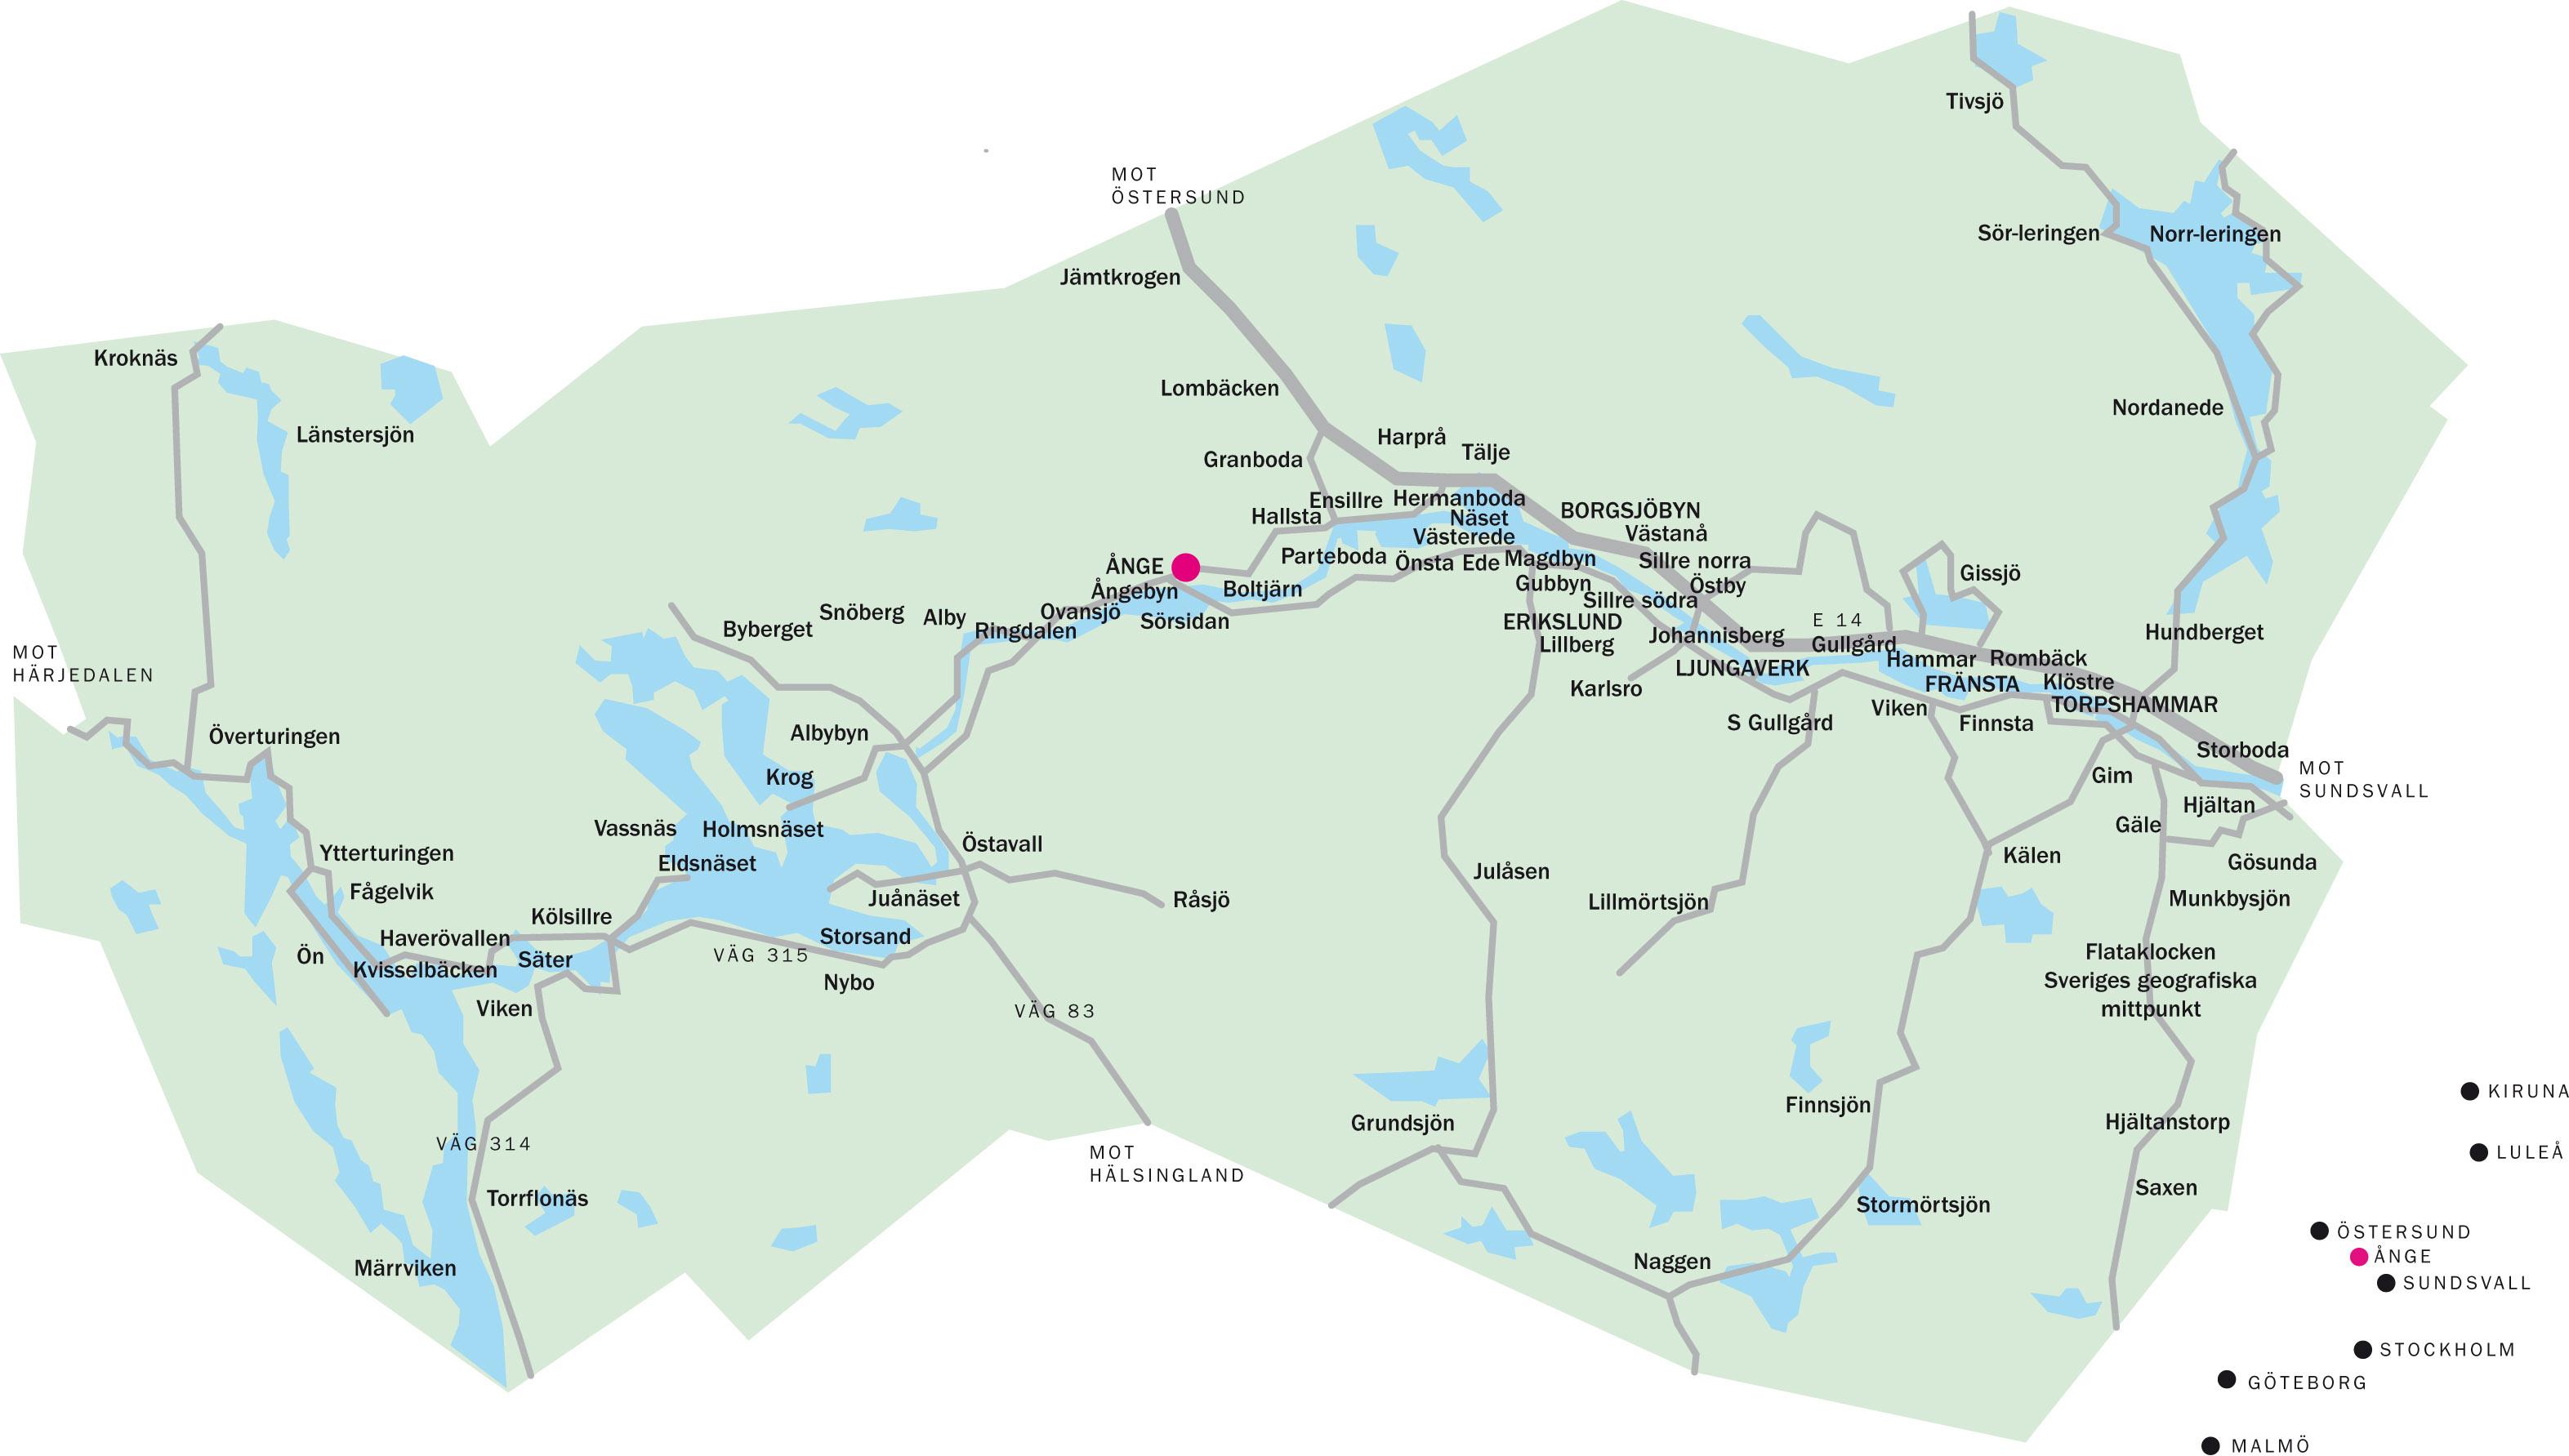 karta över sundsvalls kommun Kartor och geografisk information   Ånge kommun karta över sundsvalls kommun